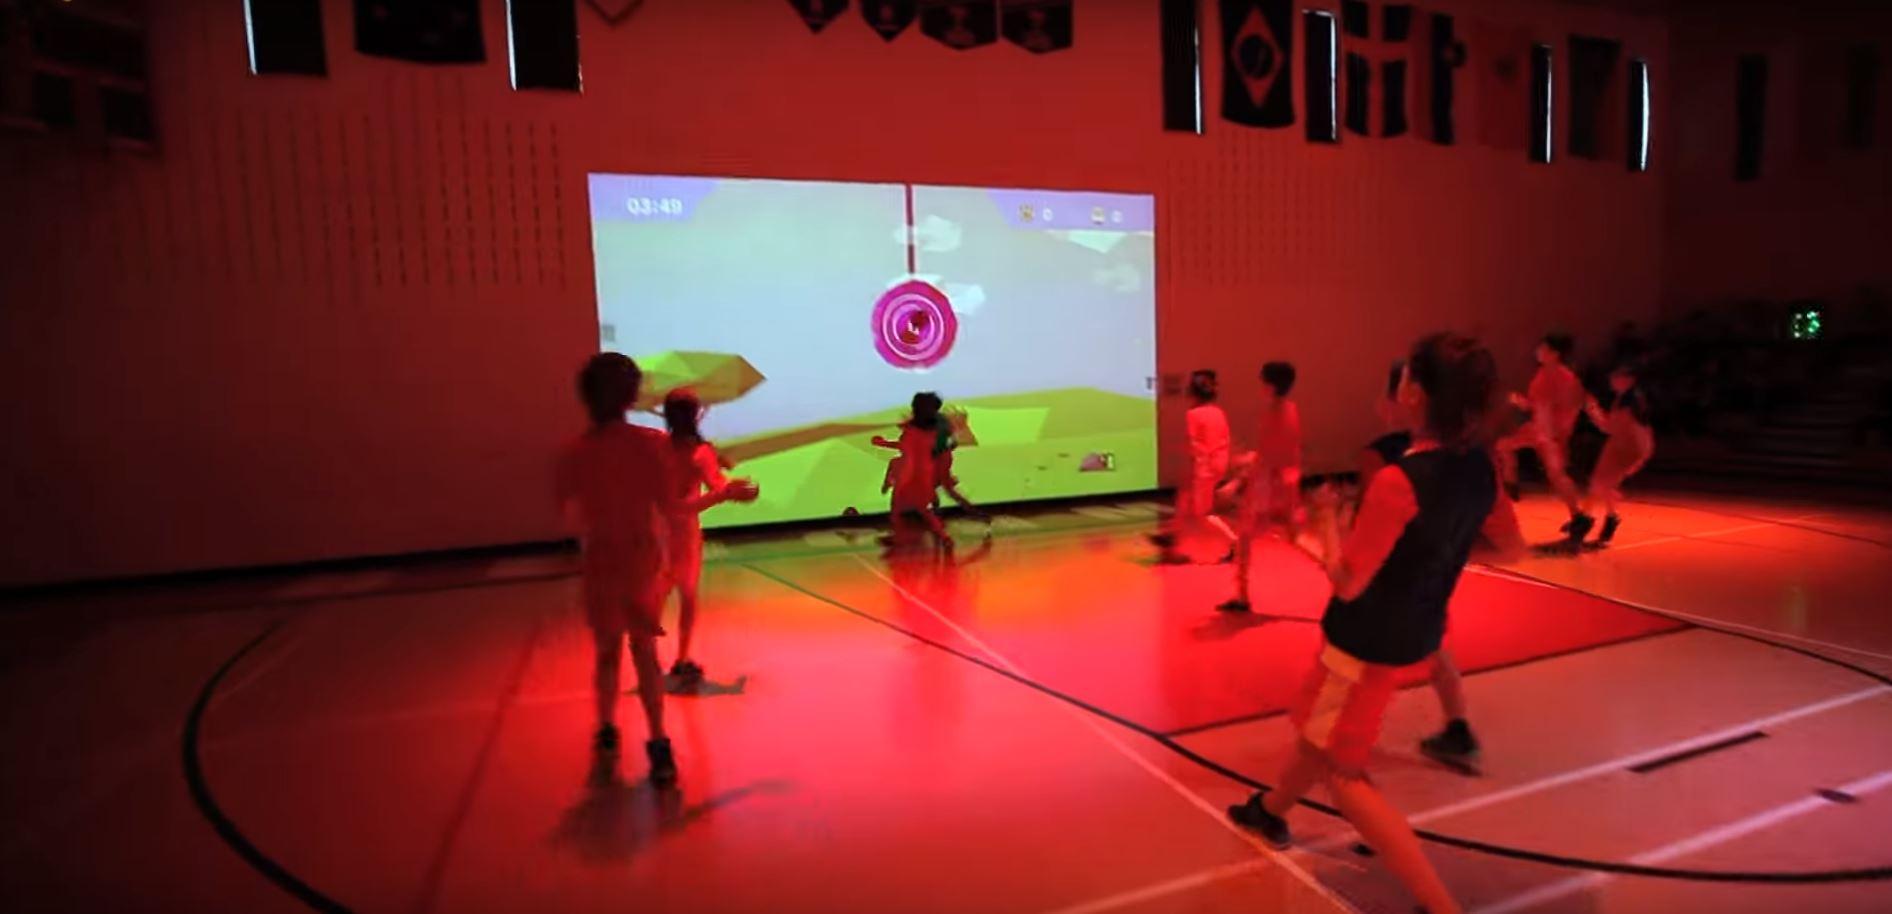 Cours de sports révolutionnaires avec ce mur interactif,